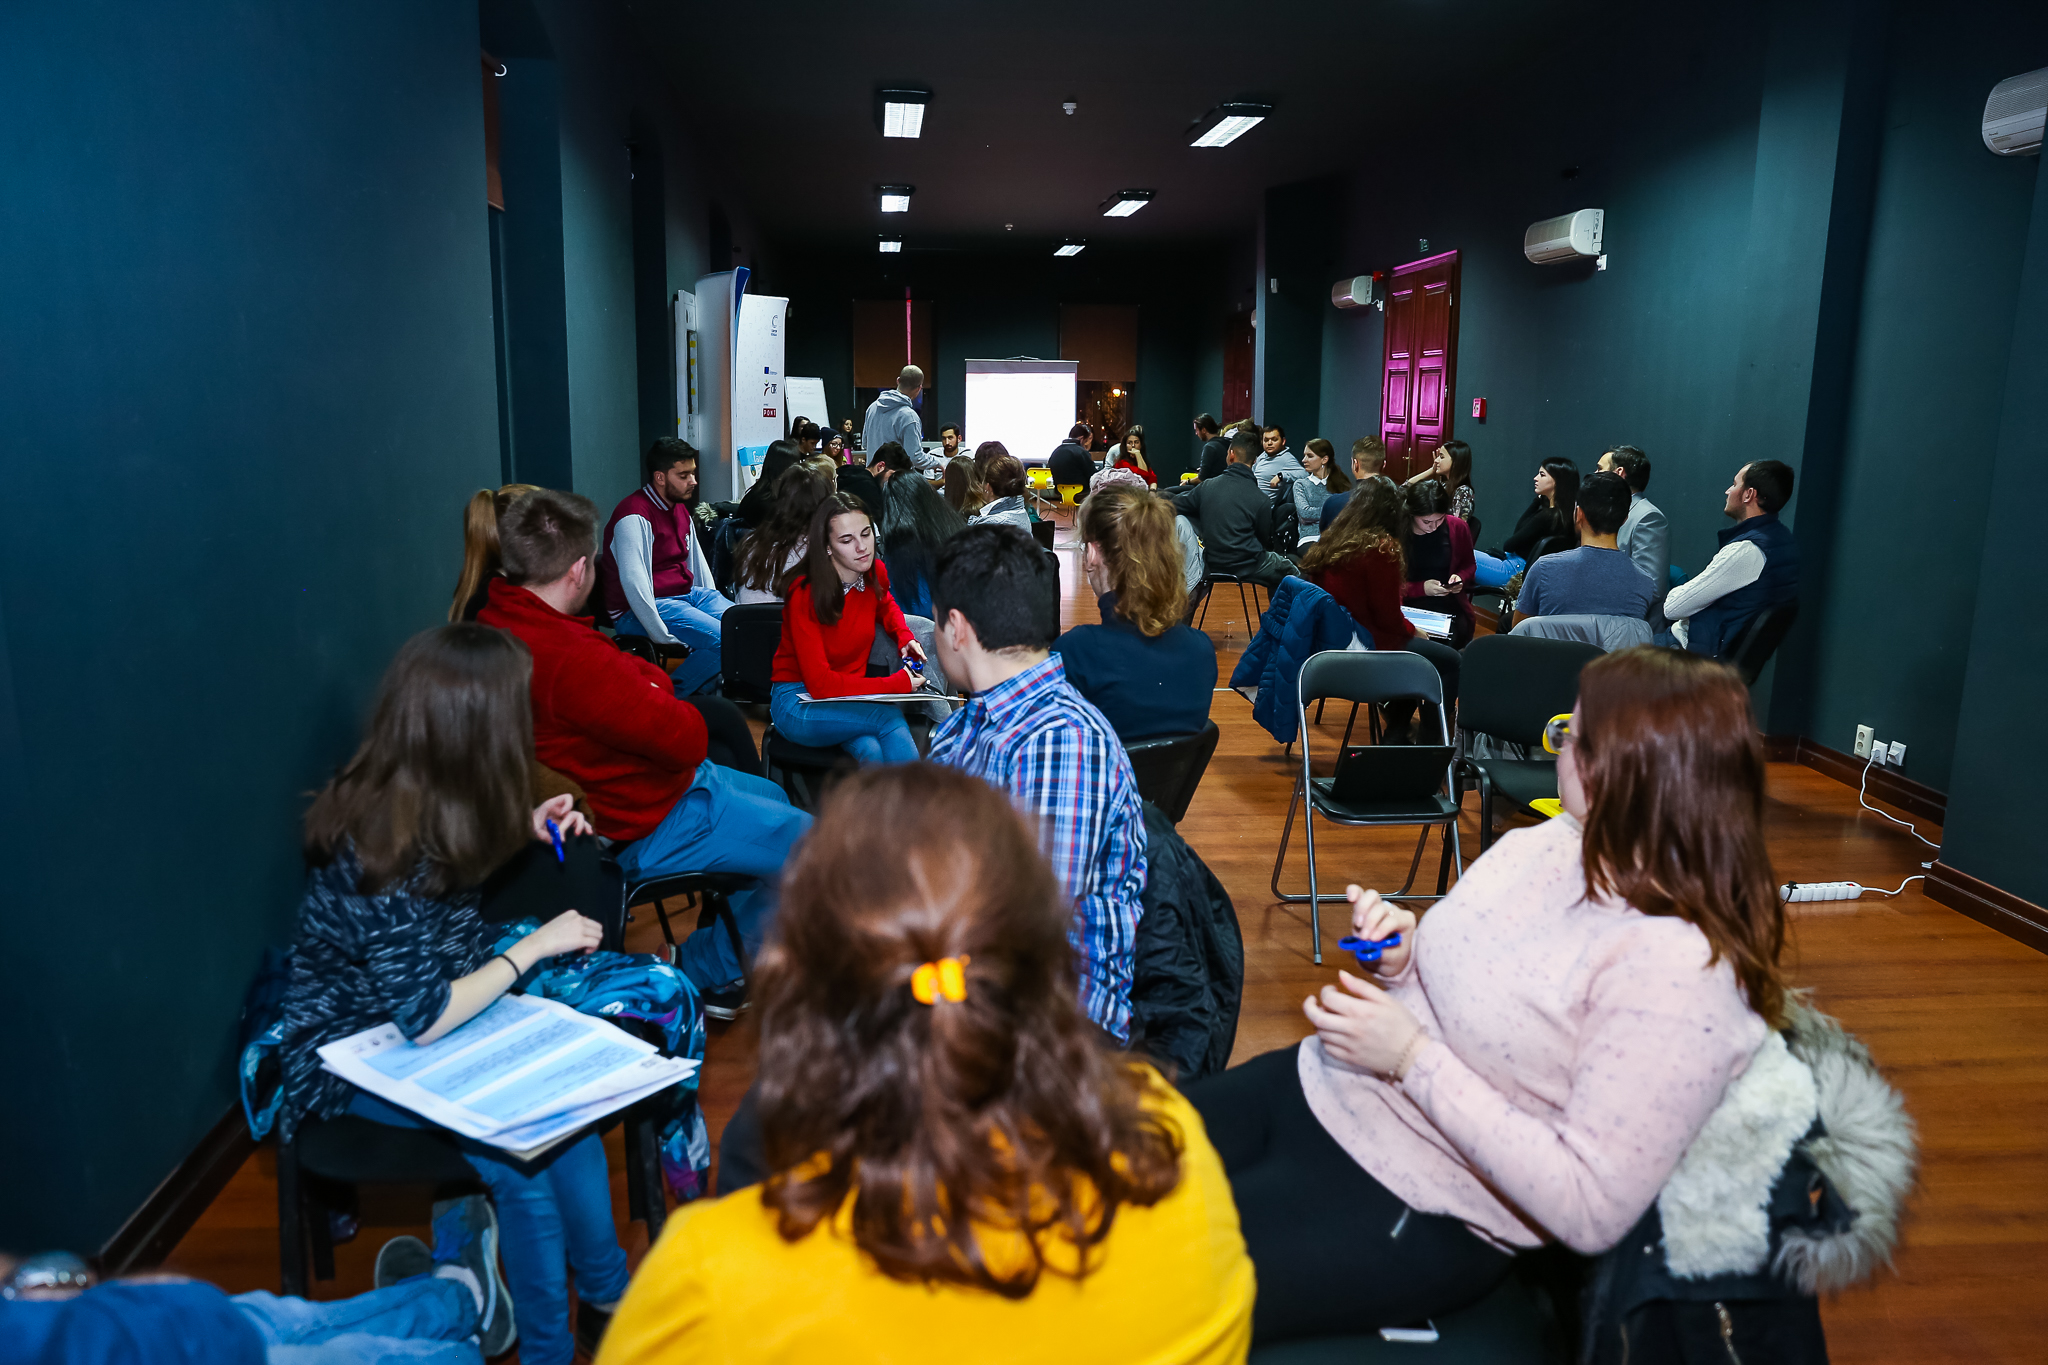 Ce-și doresc tinerii din Baia Mare? Ștrandul municipal, piste de biciclete, centru de tineret printre cele mai discutate subiecte